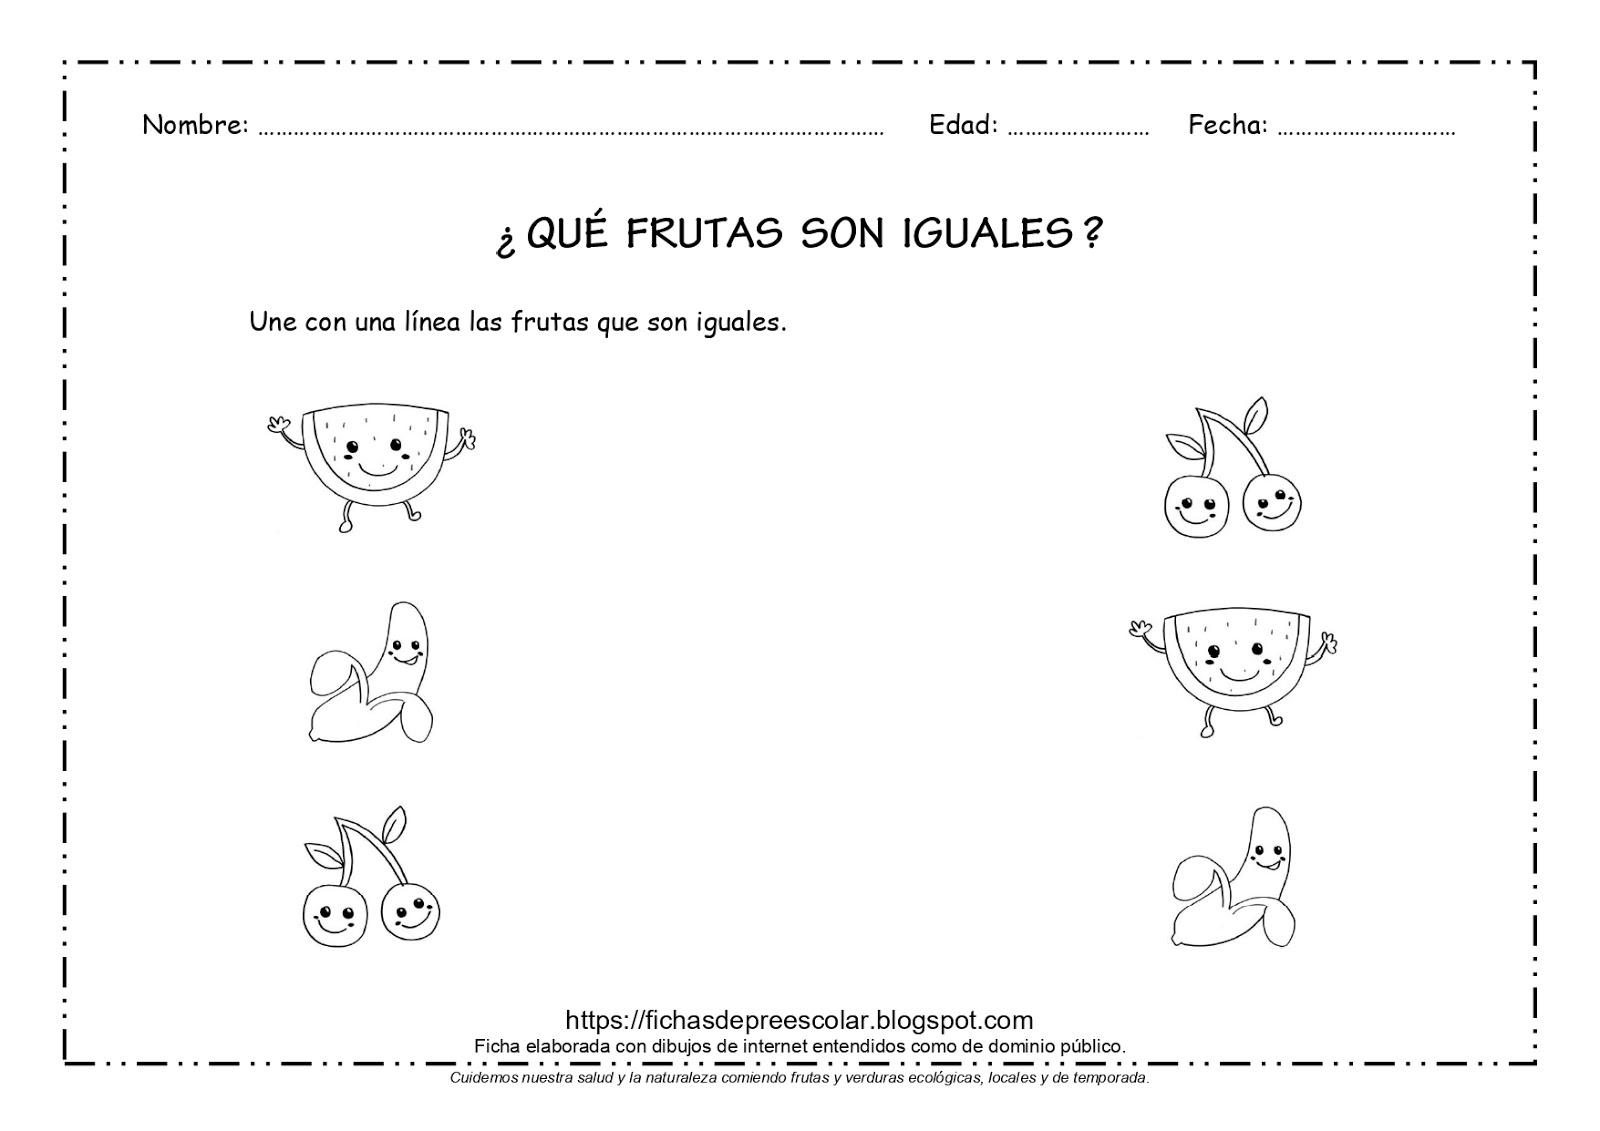 Fichas De Educación Preescolar Qué Frutas Son Iguales